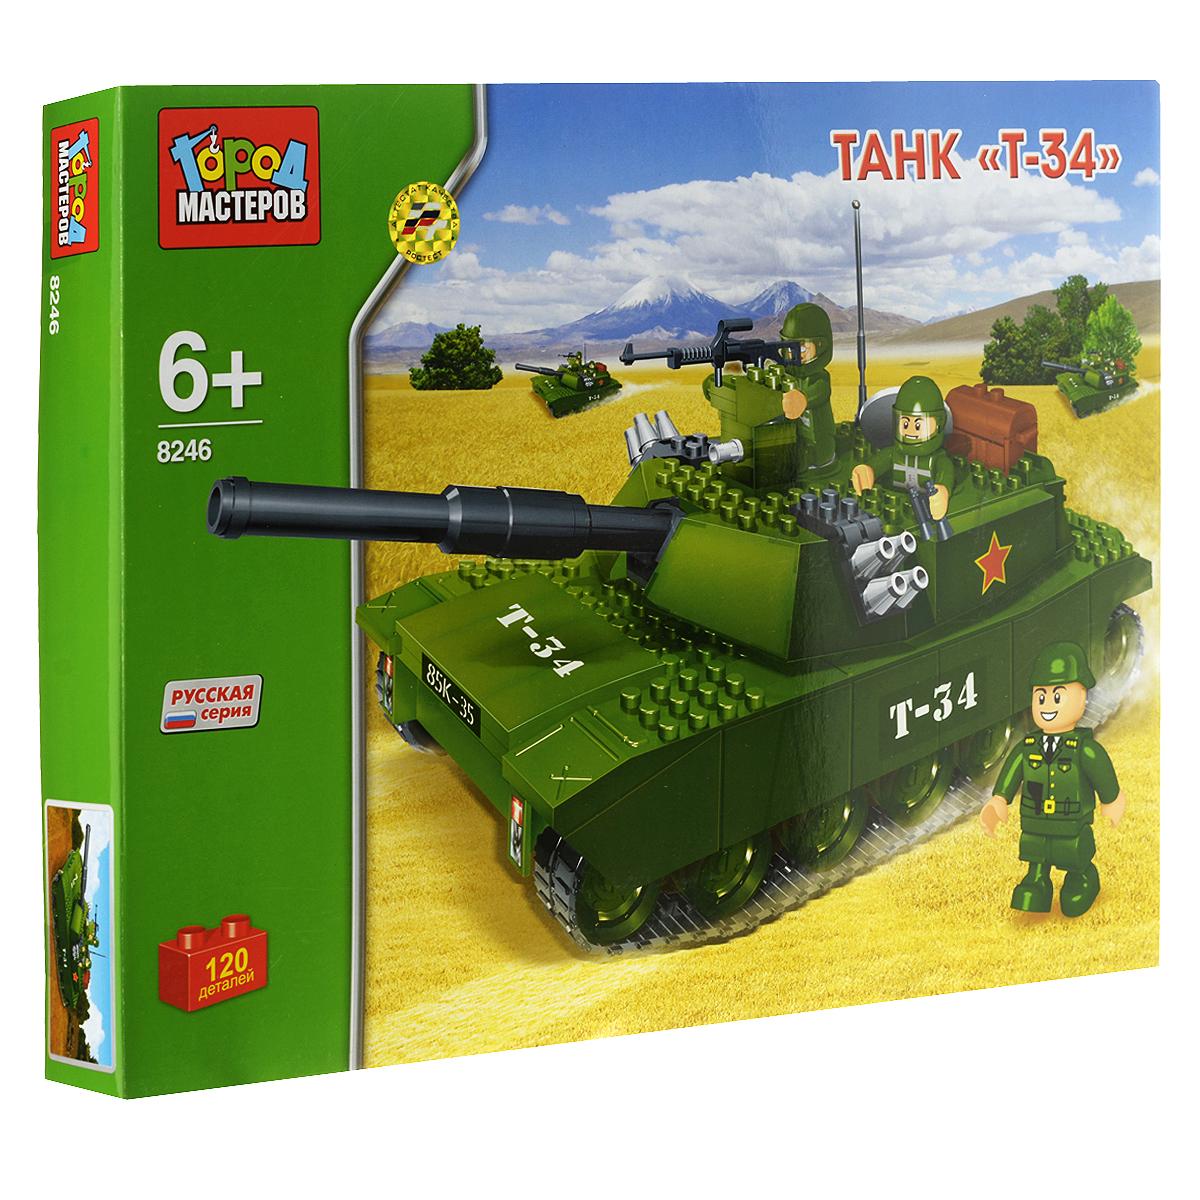 Город мастеров Конструктор Танк Т-34BB-8246R (6)Конструктор Город Мастеров Танк Т-34 не позволит скучать вашему ребенку. В набор входит 120 пластиковых элементов, с помощью которых он сможет собрать модель танка Т-34. Элементы конструктора легко скрепляются между собой, а также совместимы с конструкторами мировых производителей. Комплект включает 3 фигурки в виде солдат. Сборка конструктора поможет ребенку развить инженерные и конструкторские способности, научиться концентрировать внимание, а также способствует развитию логического и абстрактного мышления, фантазии и тренировке мелкой моторики.